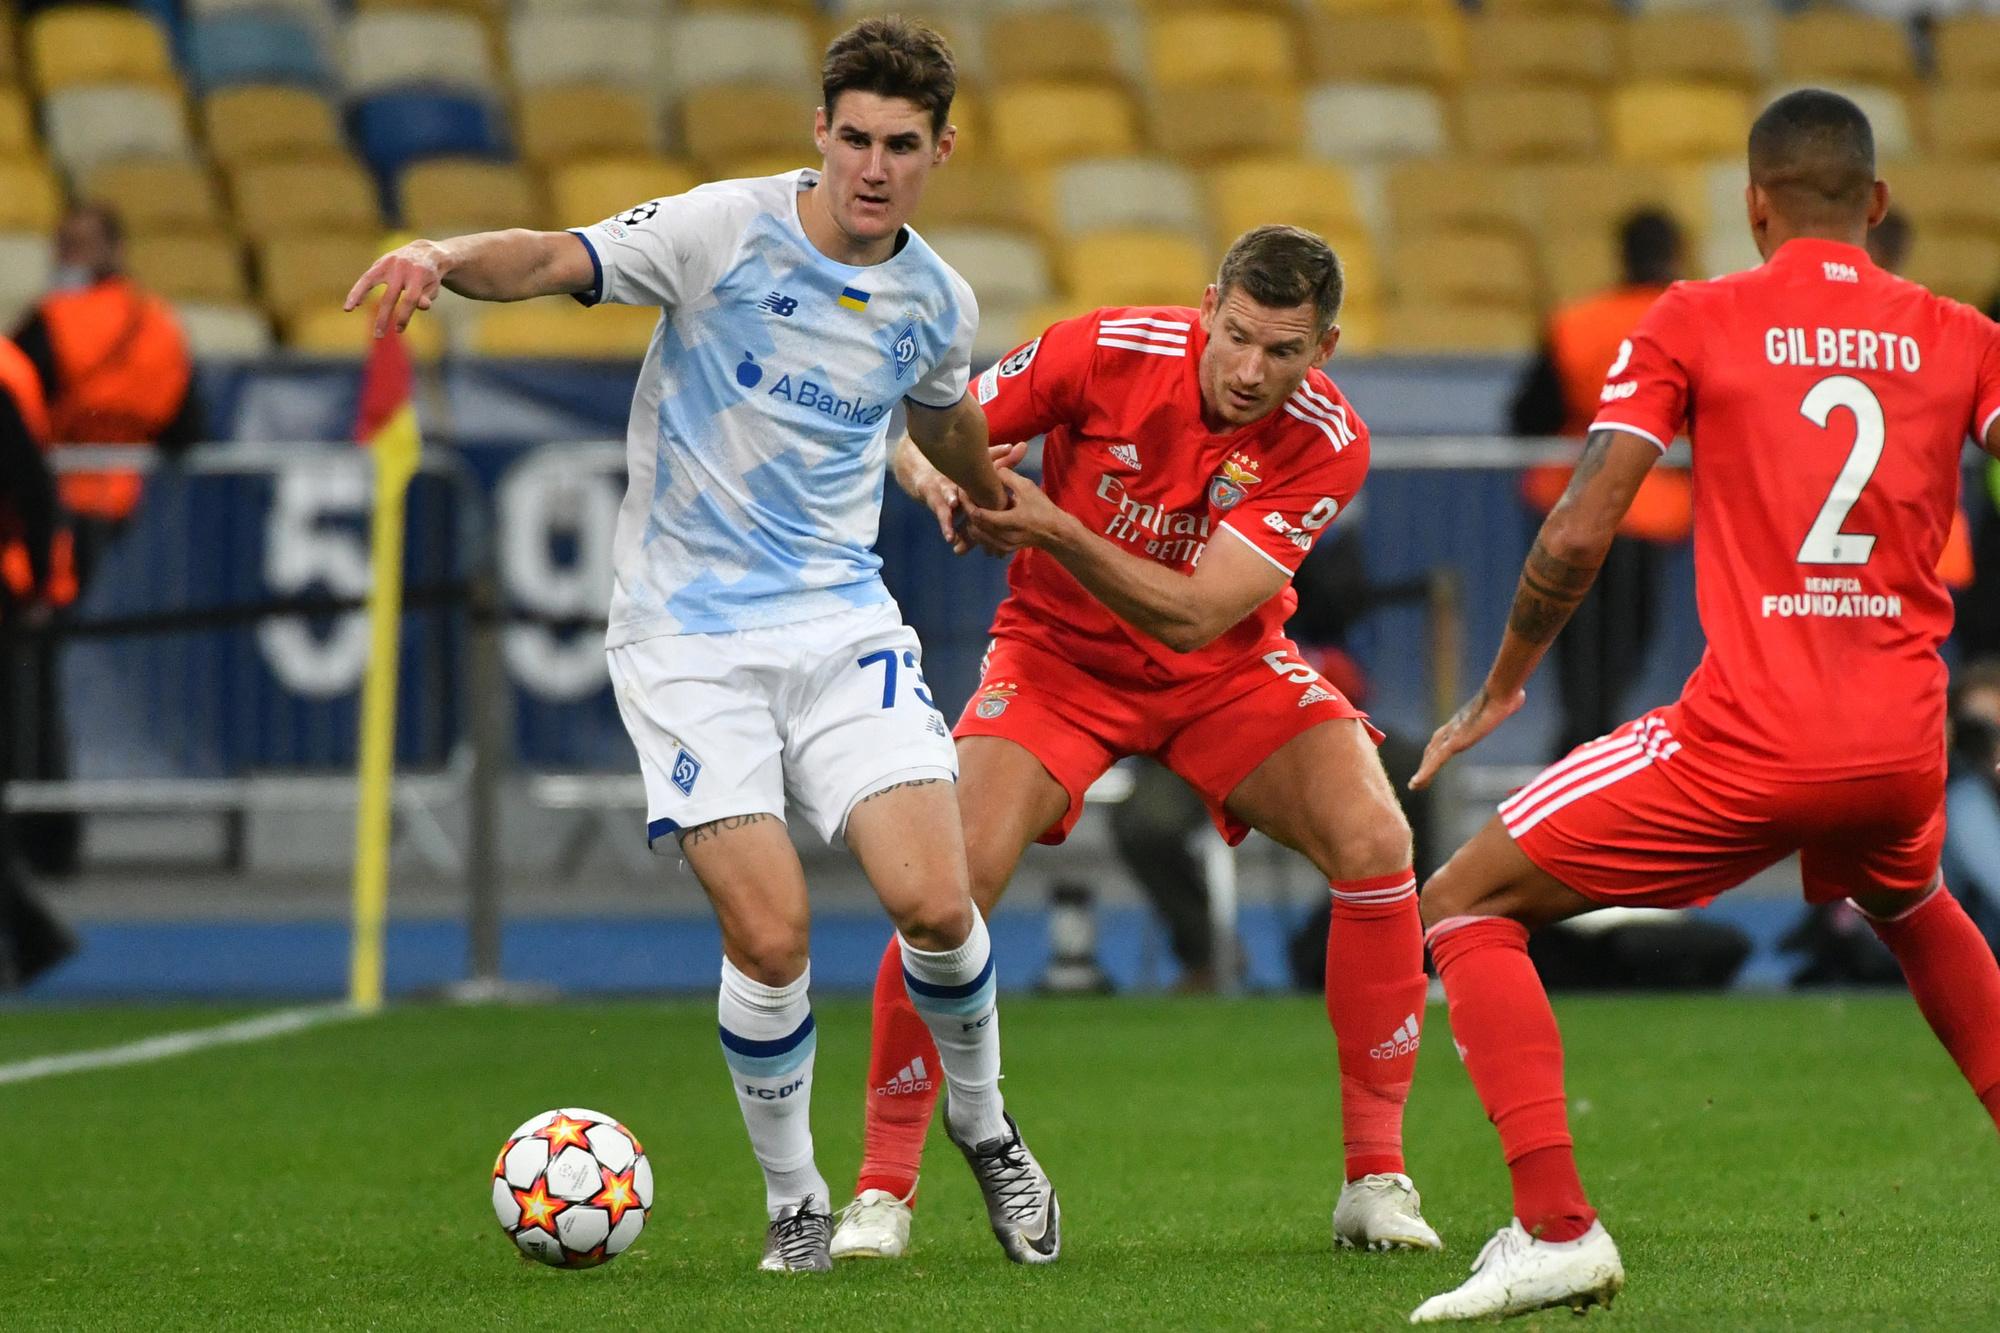 Jan Vertonghen et Benfica ont ramené un point et une clean-sheet de leur déplacement en Ukraine., belga